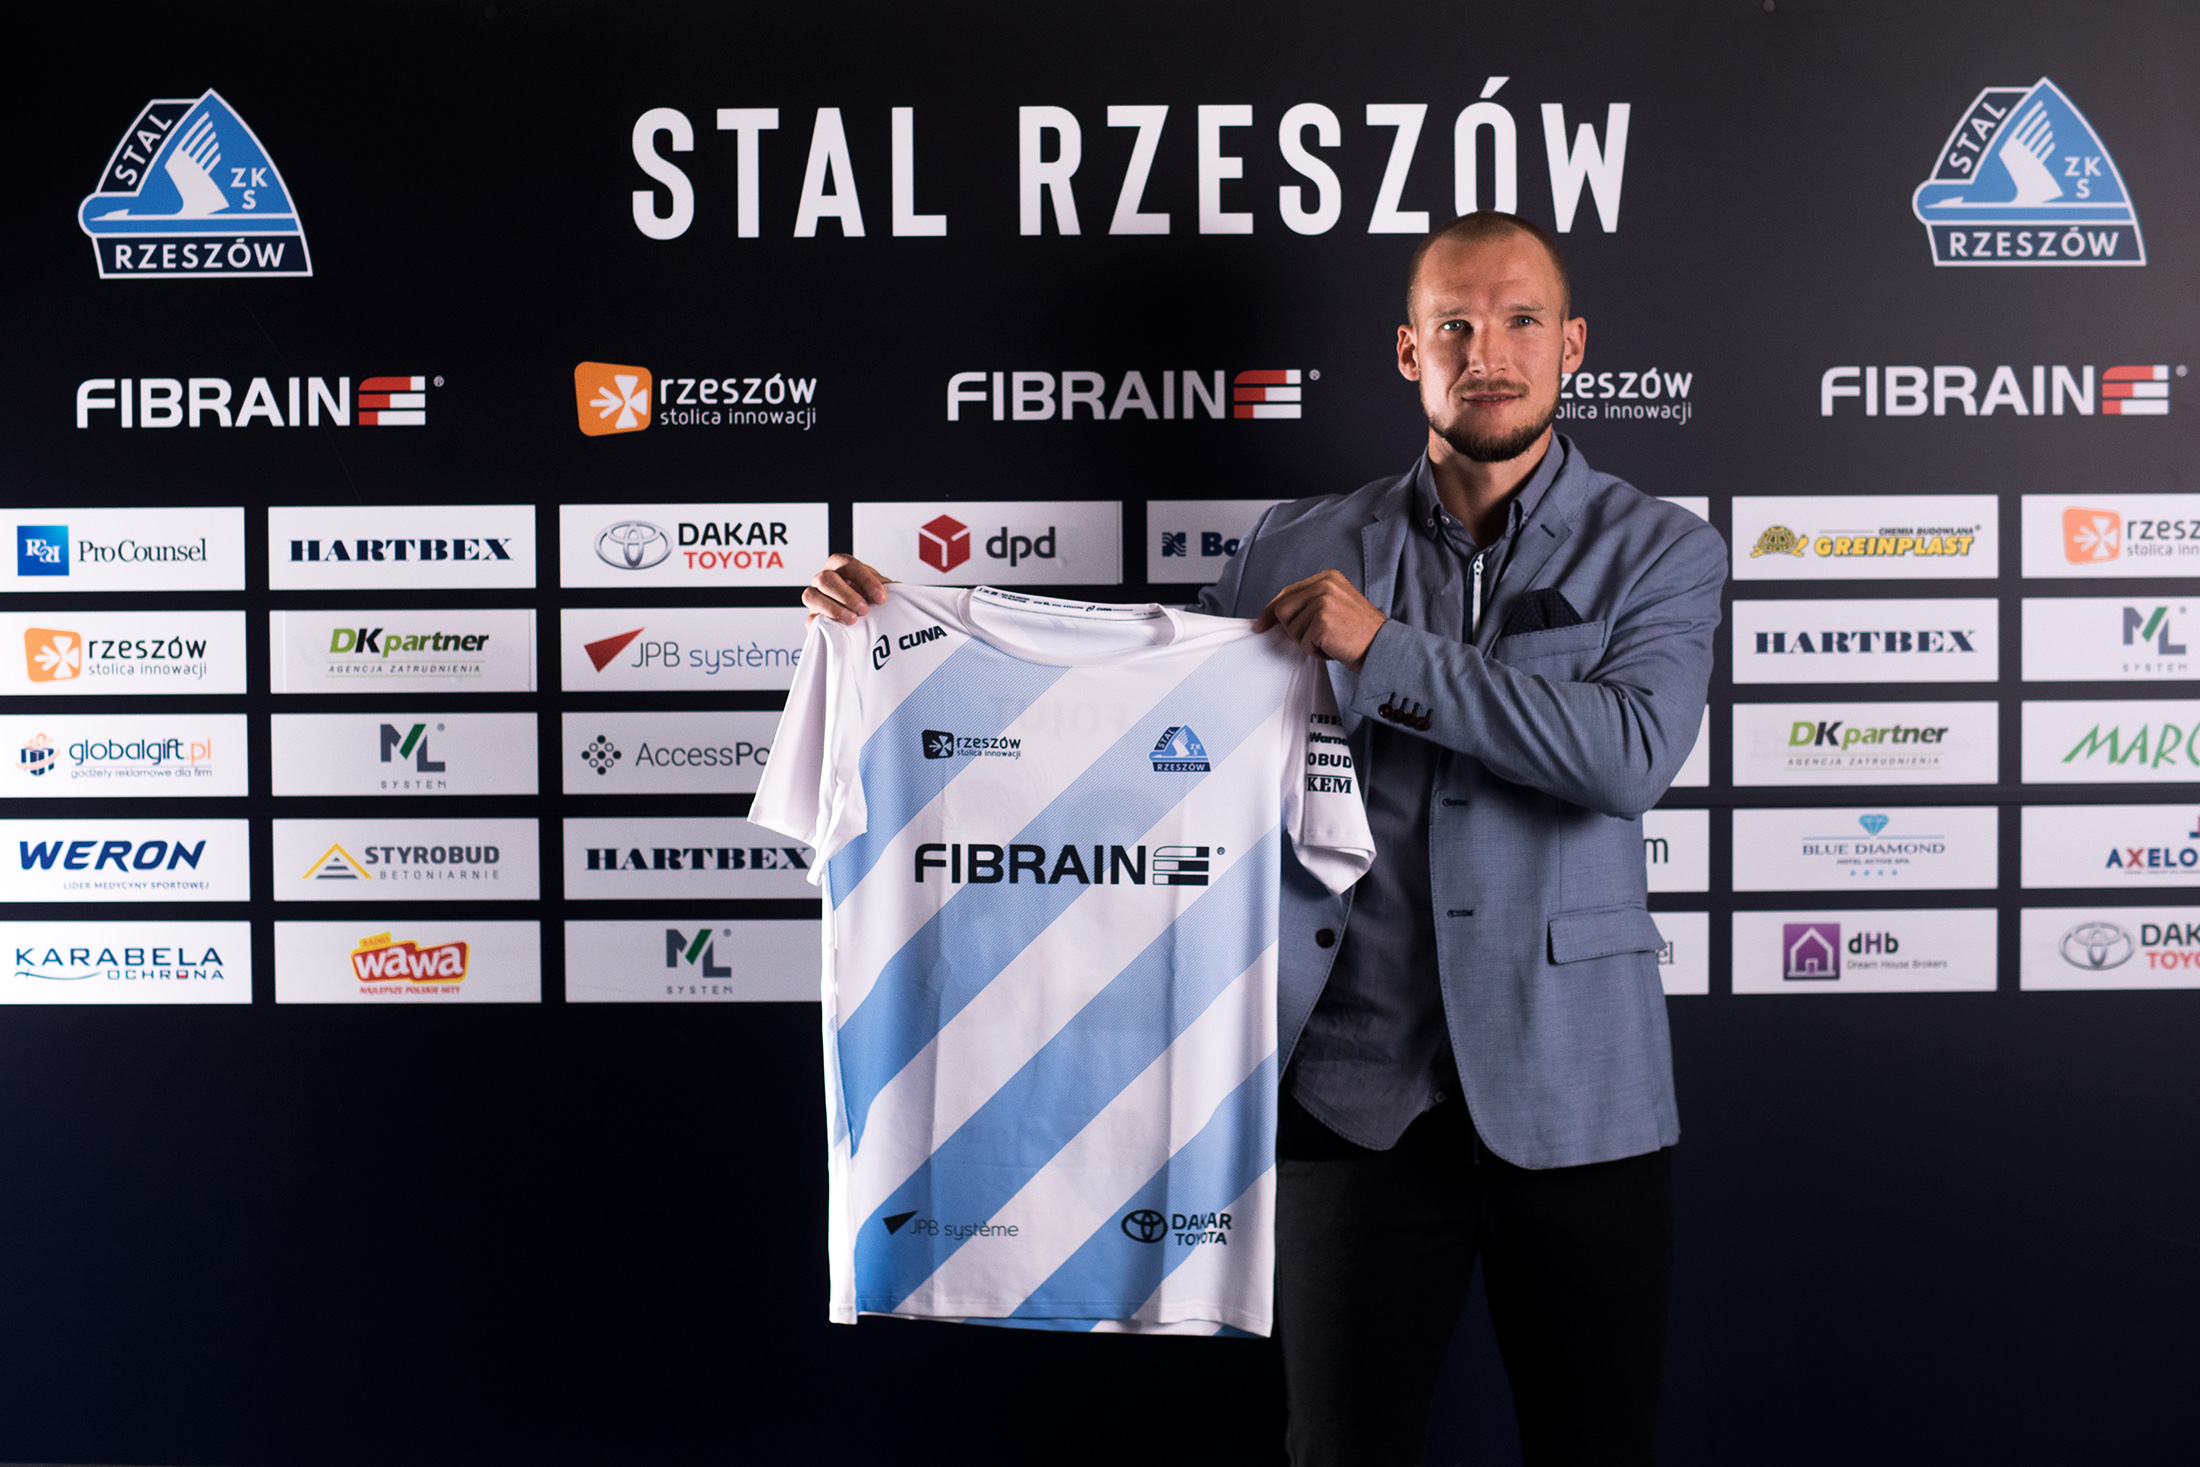 Piłkarz Stali Rzeszów komentuje zajście z kibolami - Zdjęcie główne